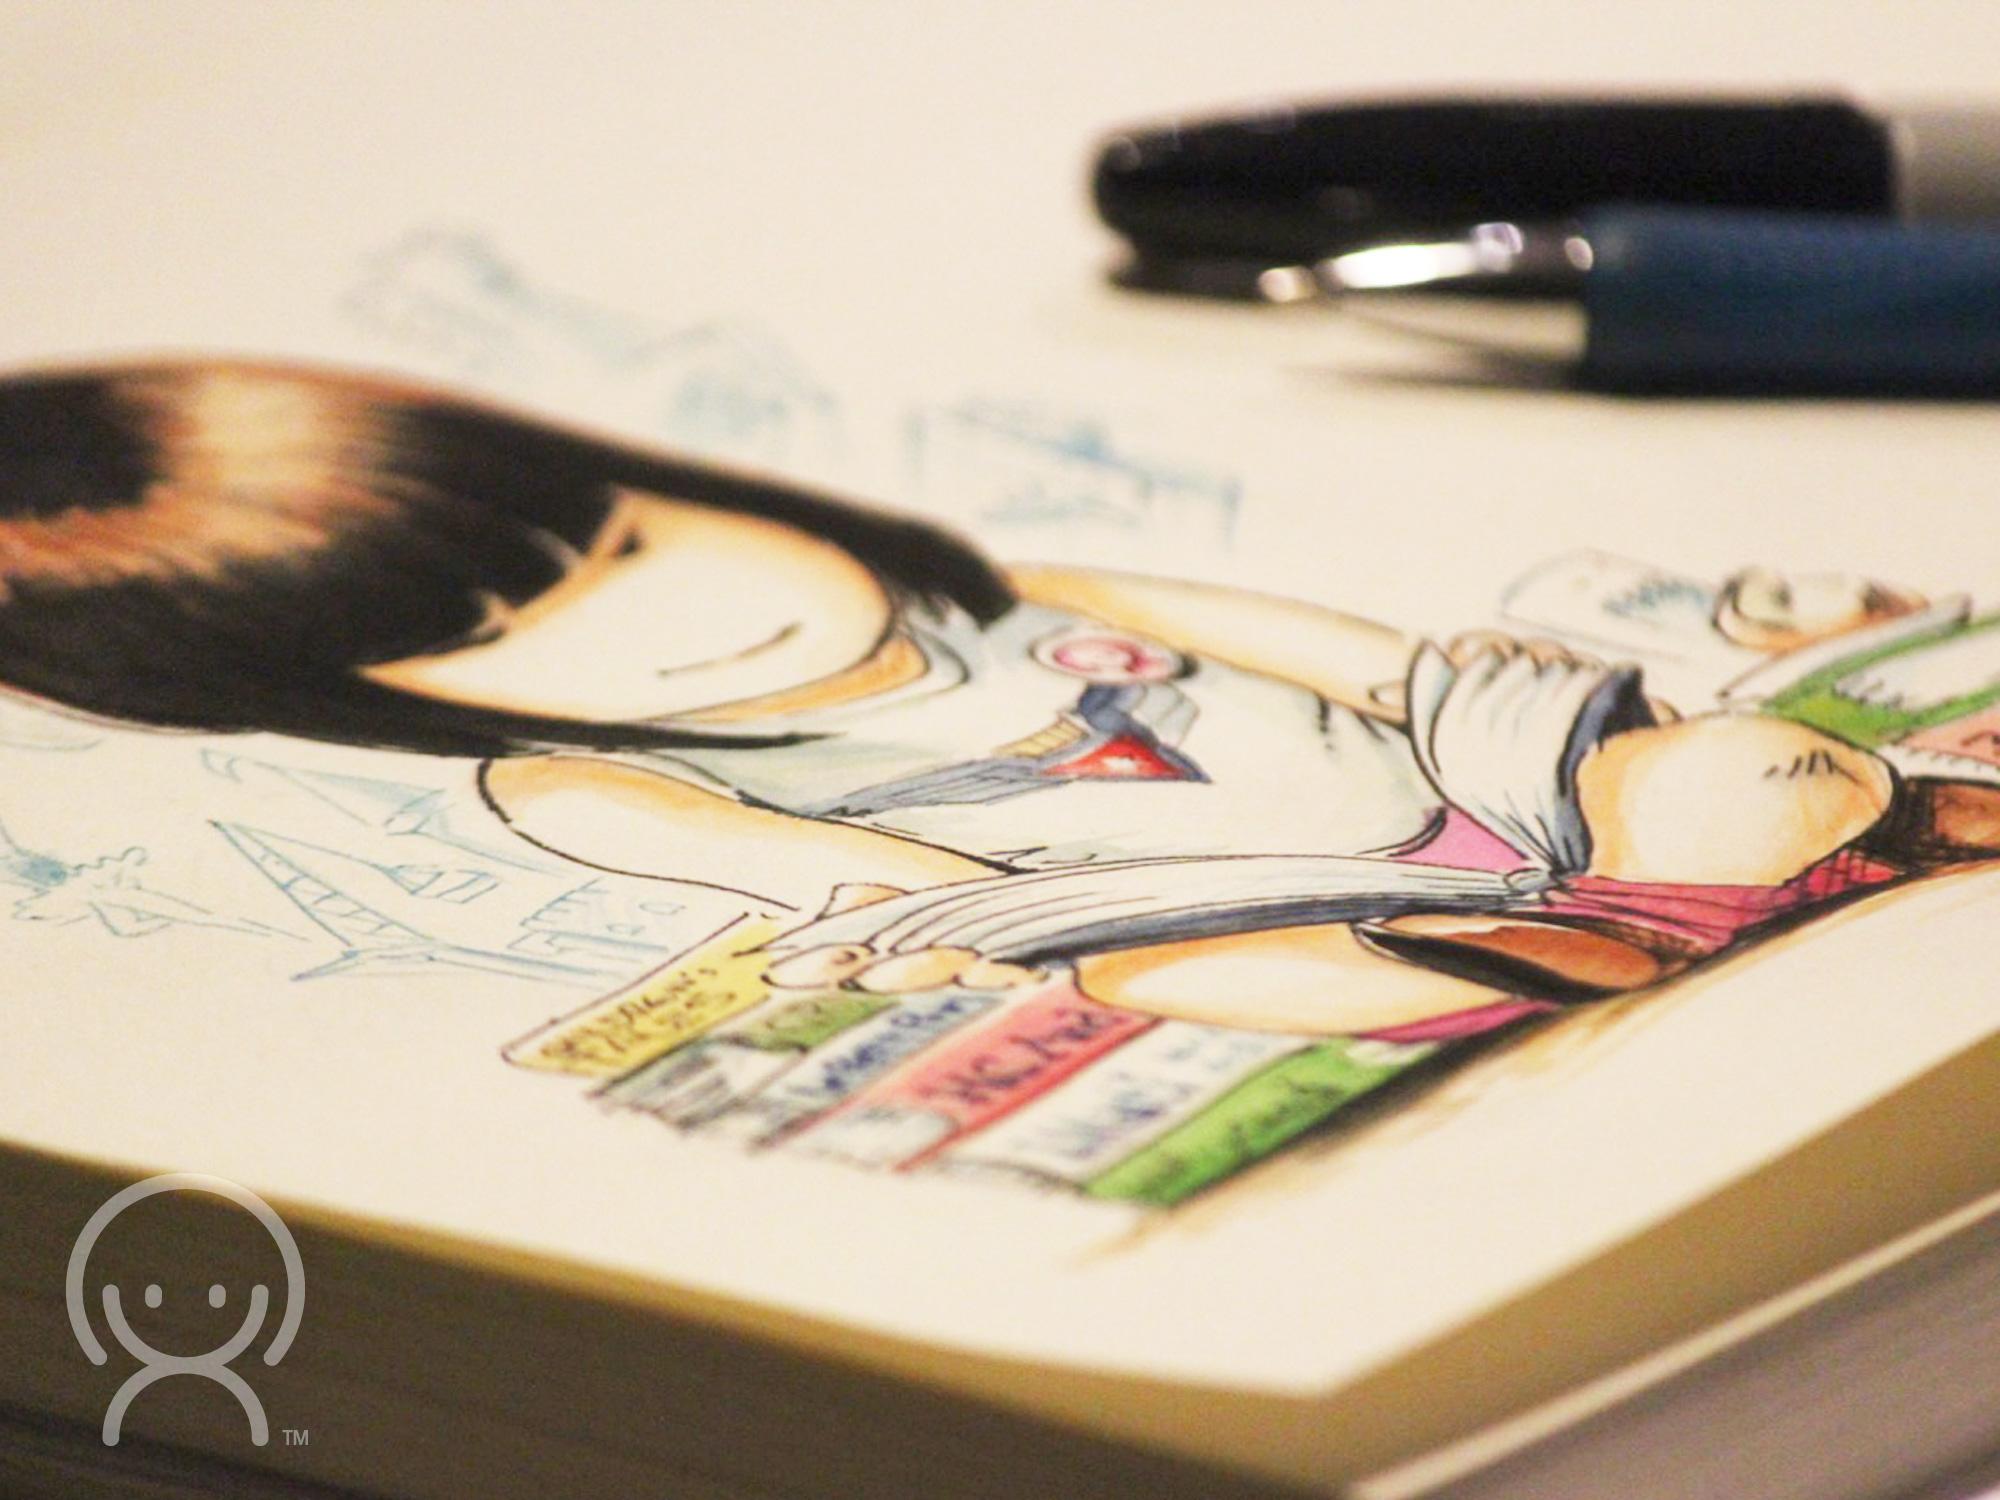 Xocololo illustration by Hakubashi